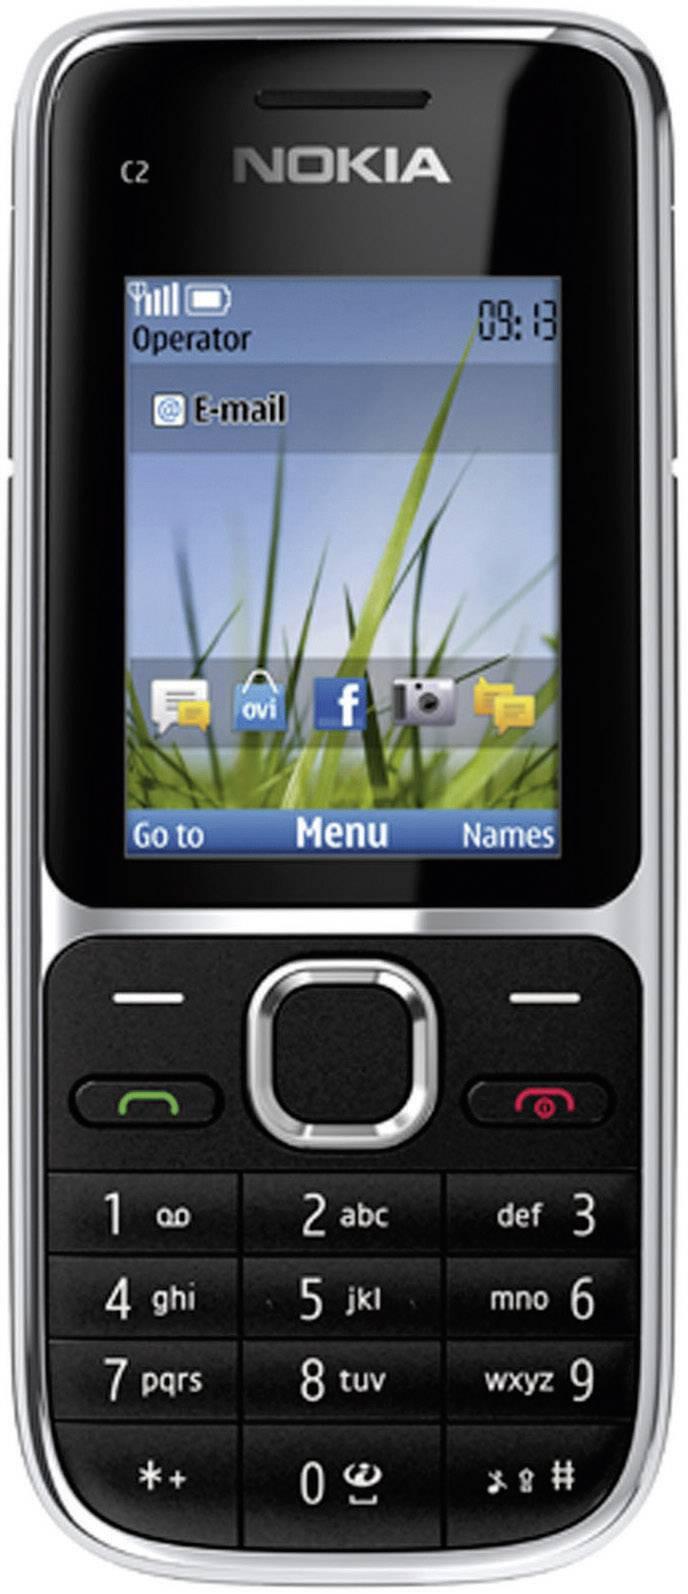 nokia c2 01 sim free mobile phone from conrad com rh conrad com nokia c2-01 manual internet settings nokia c2 01 manual pdf